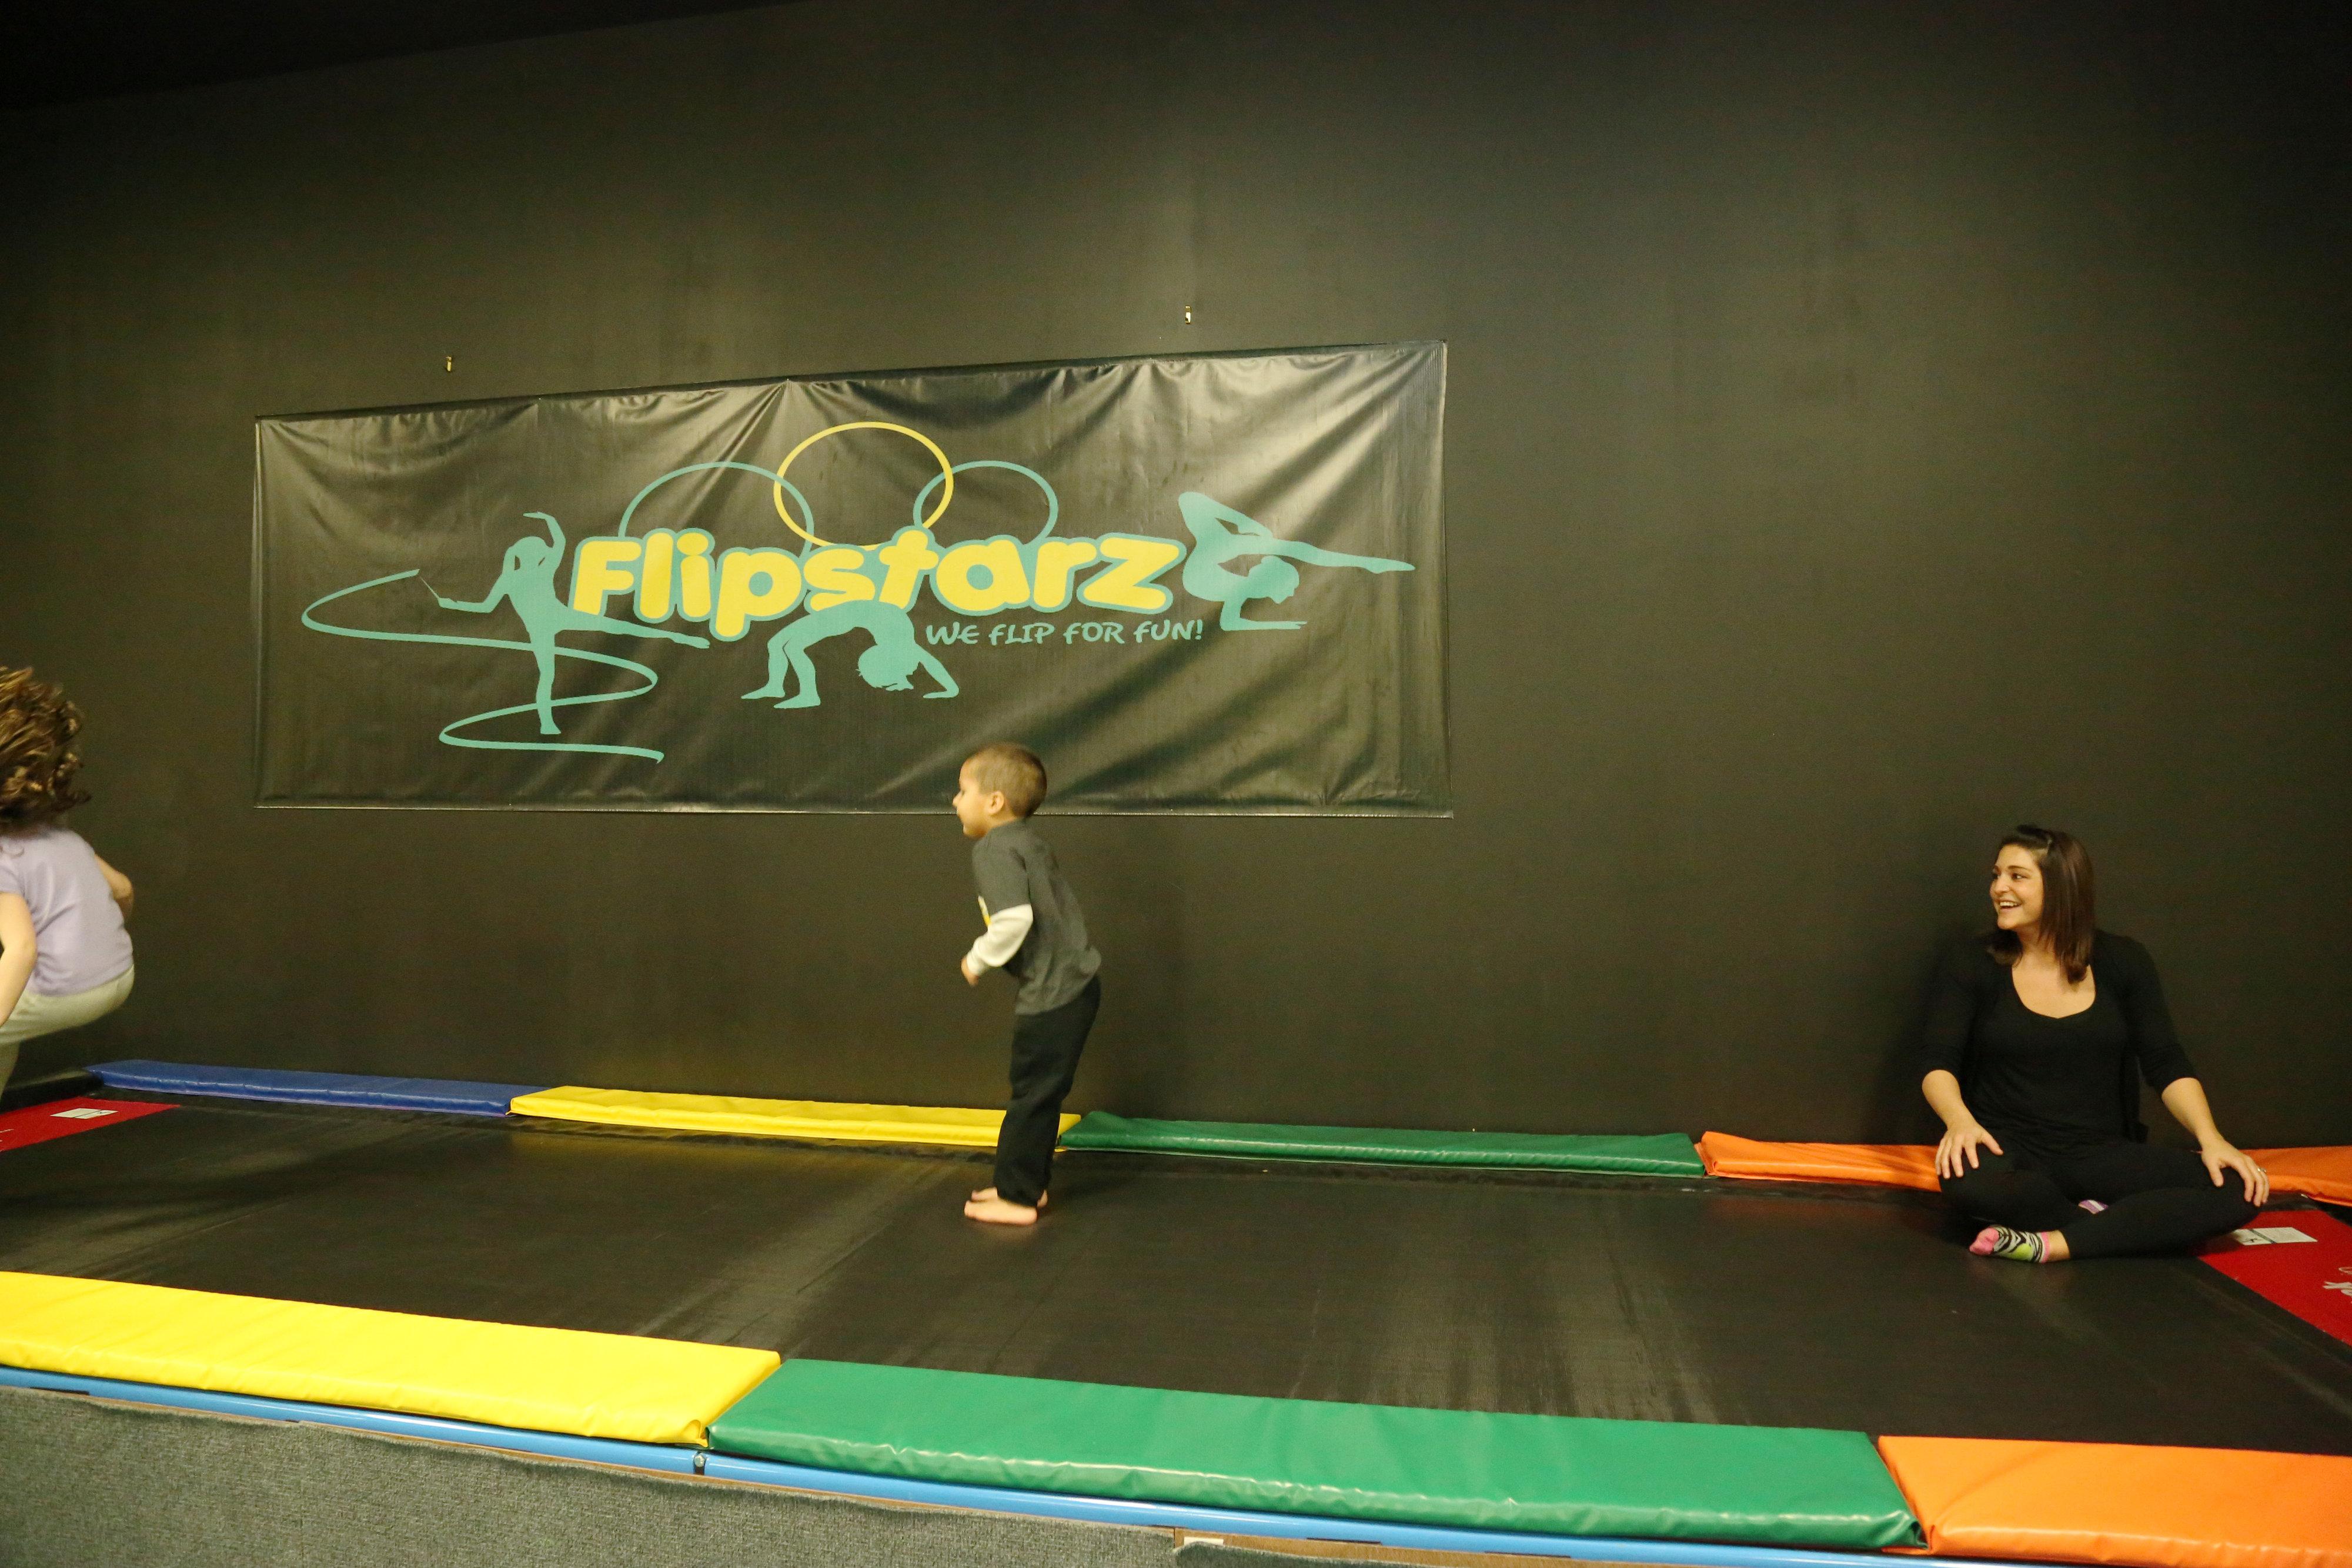 FlipStarz-0054